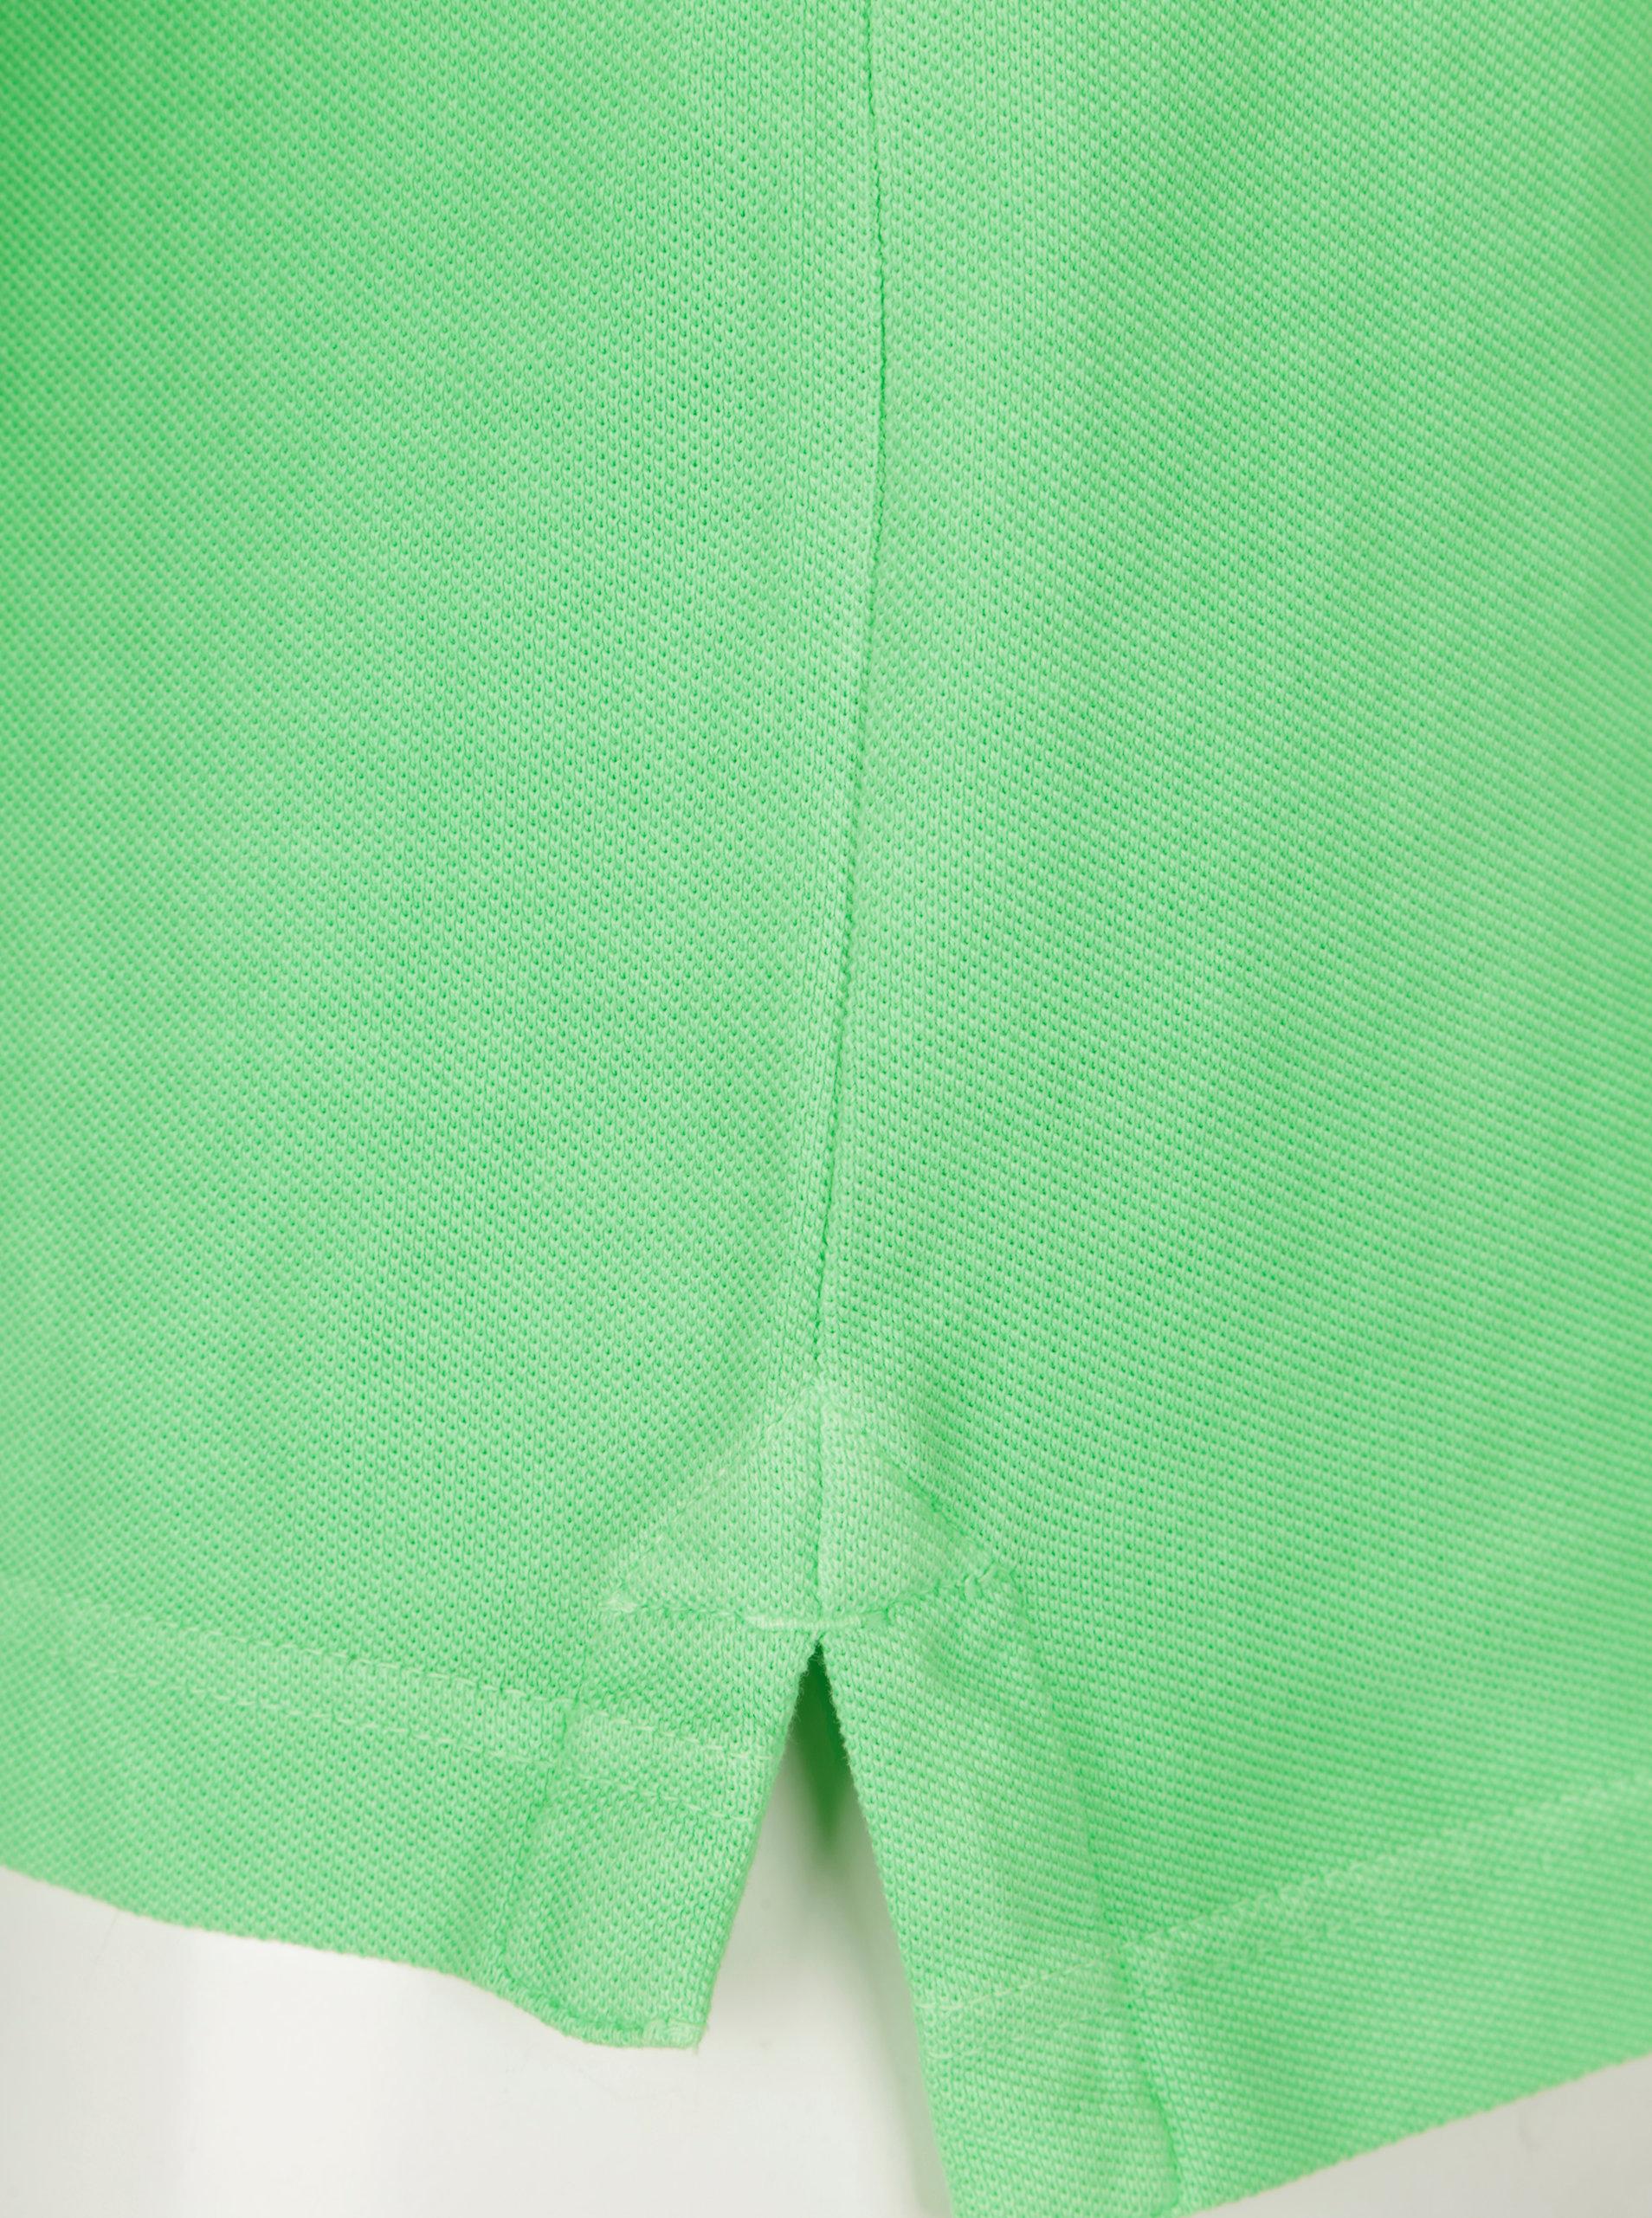 cc0299c85971 Neonově zelené pánské polo tričko Superdry ...